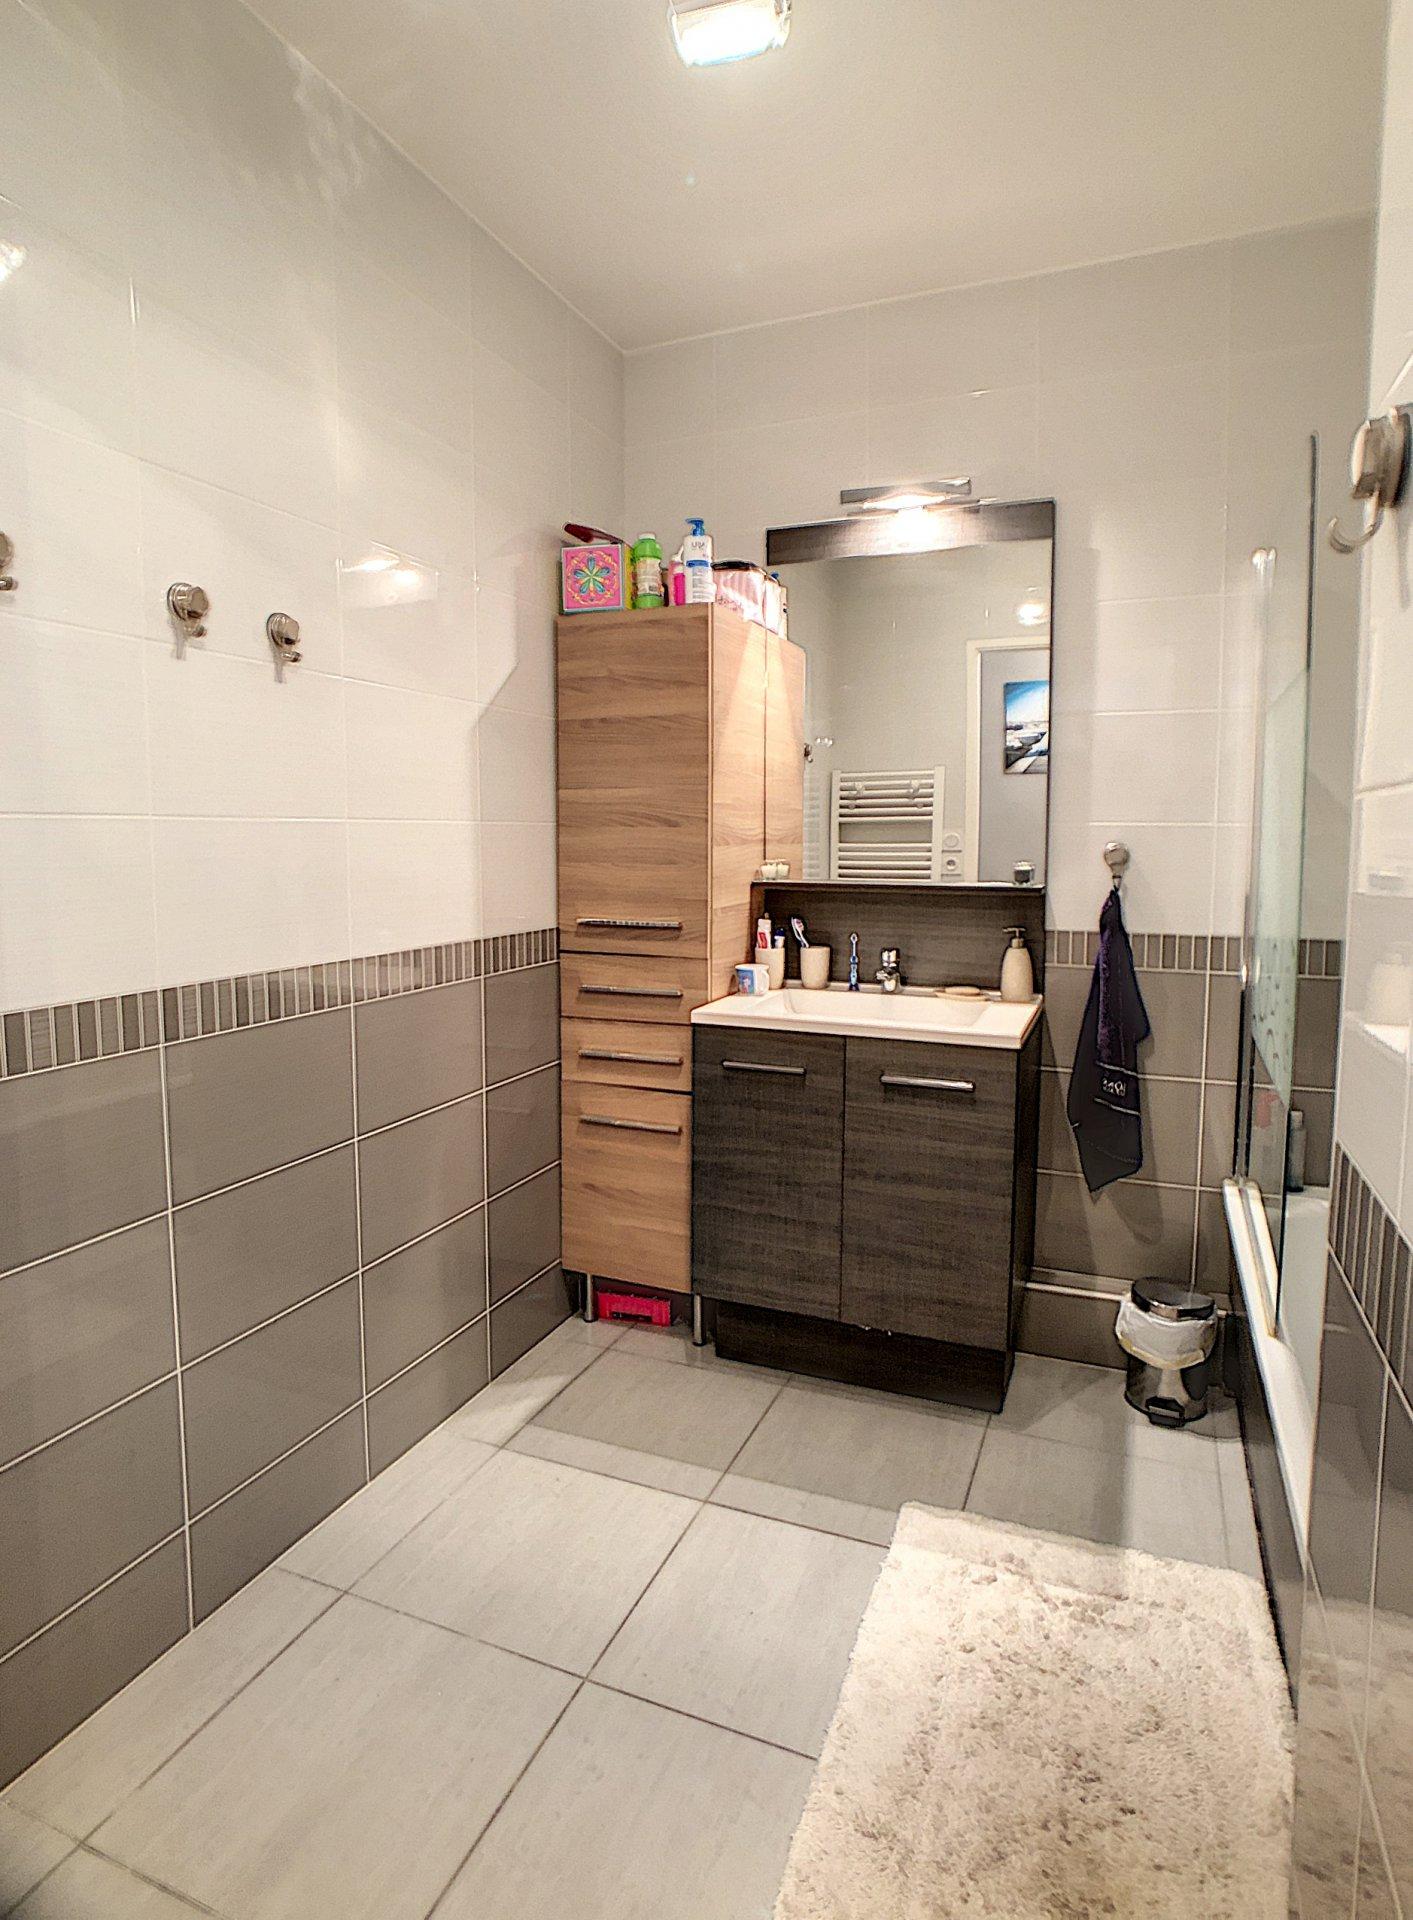 CAGNES SUR MER (06800) - appartement 3 pièces - RDJ - parking